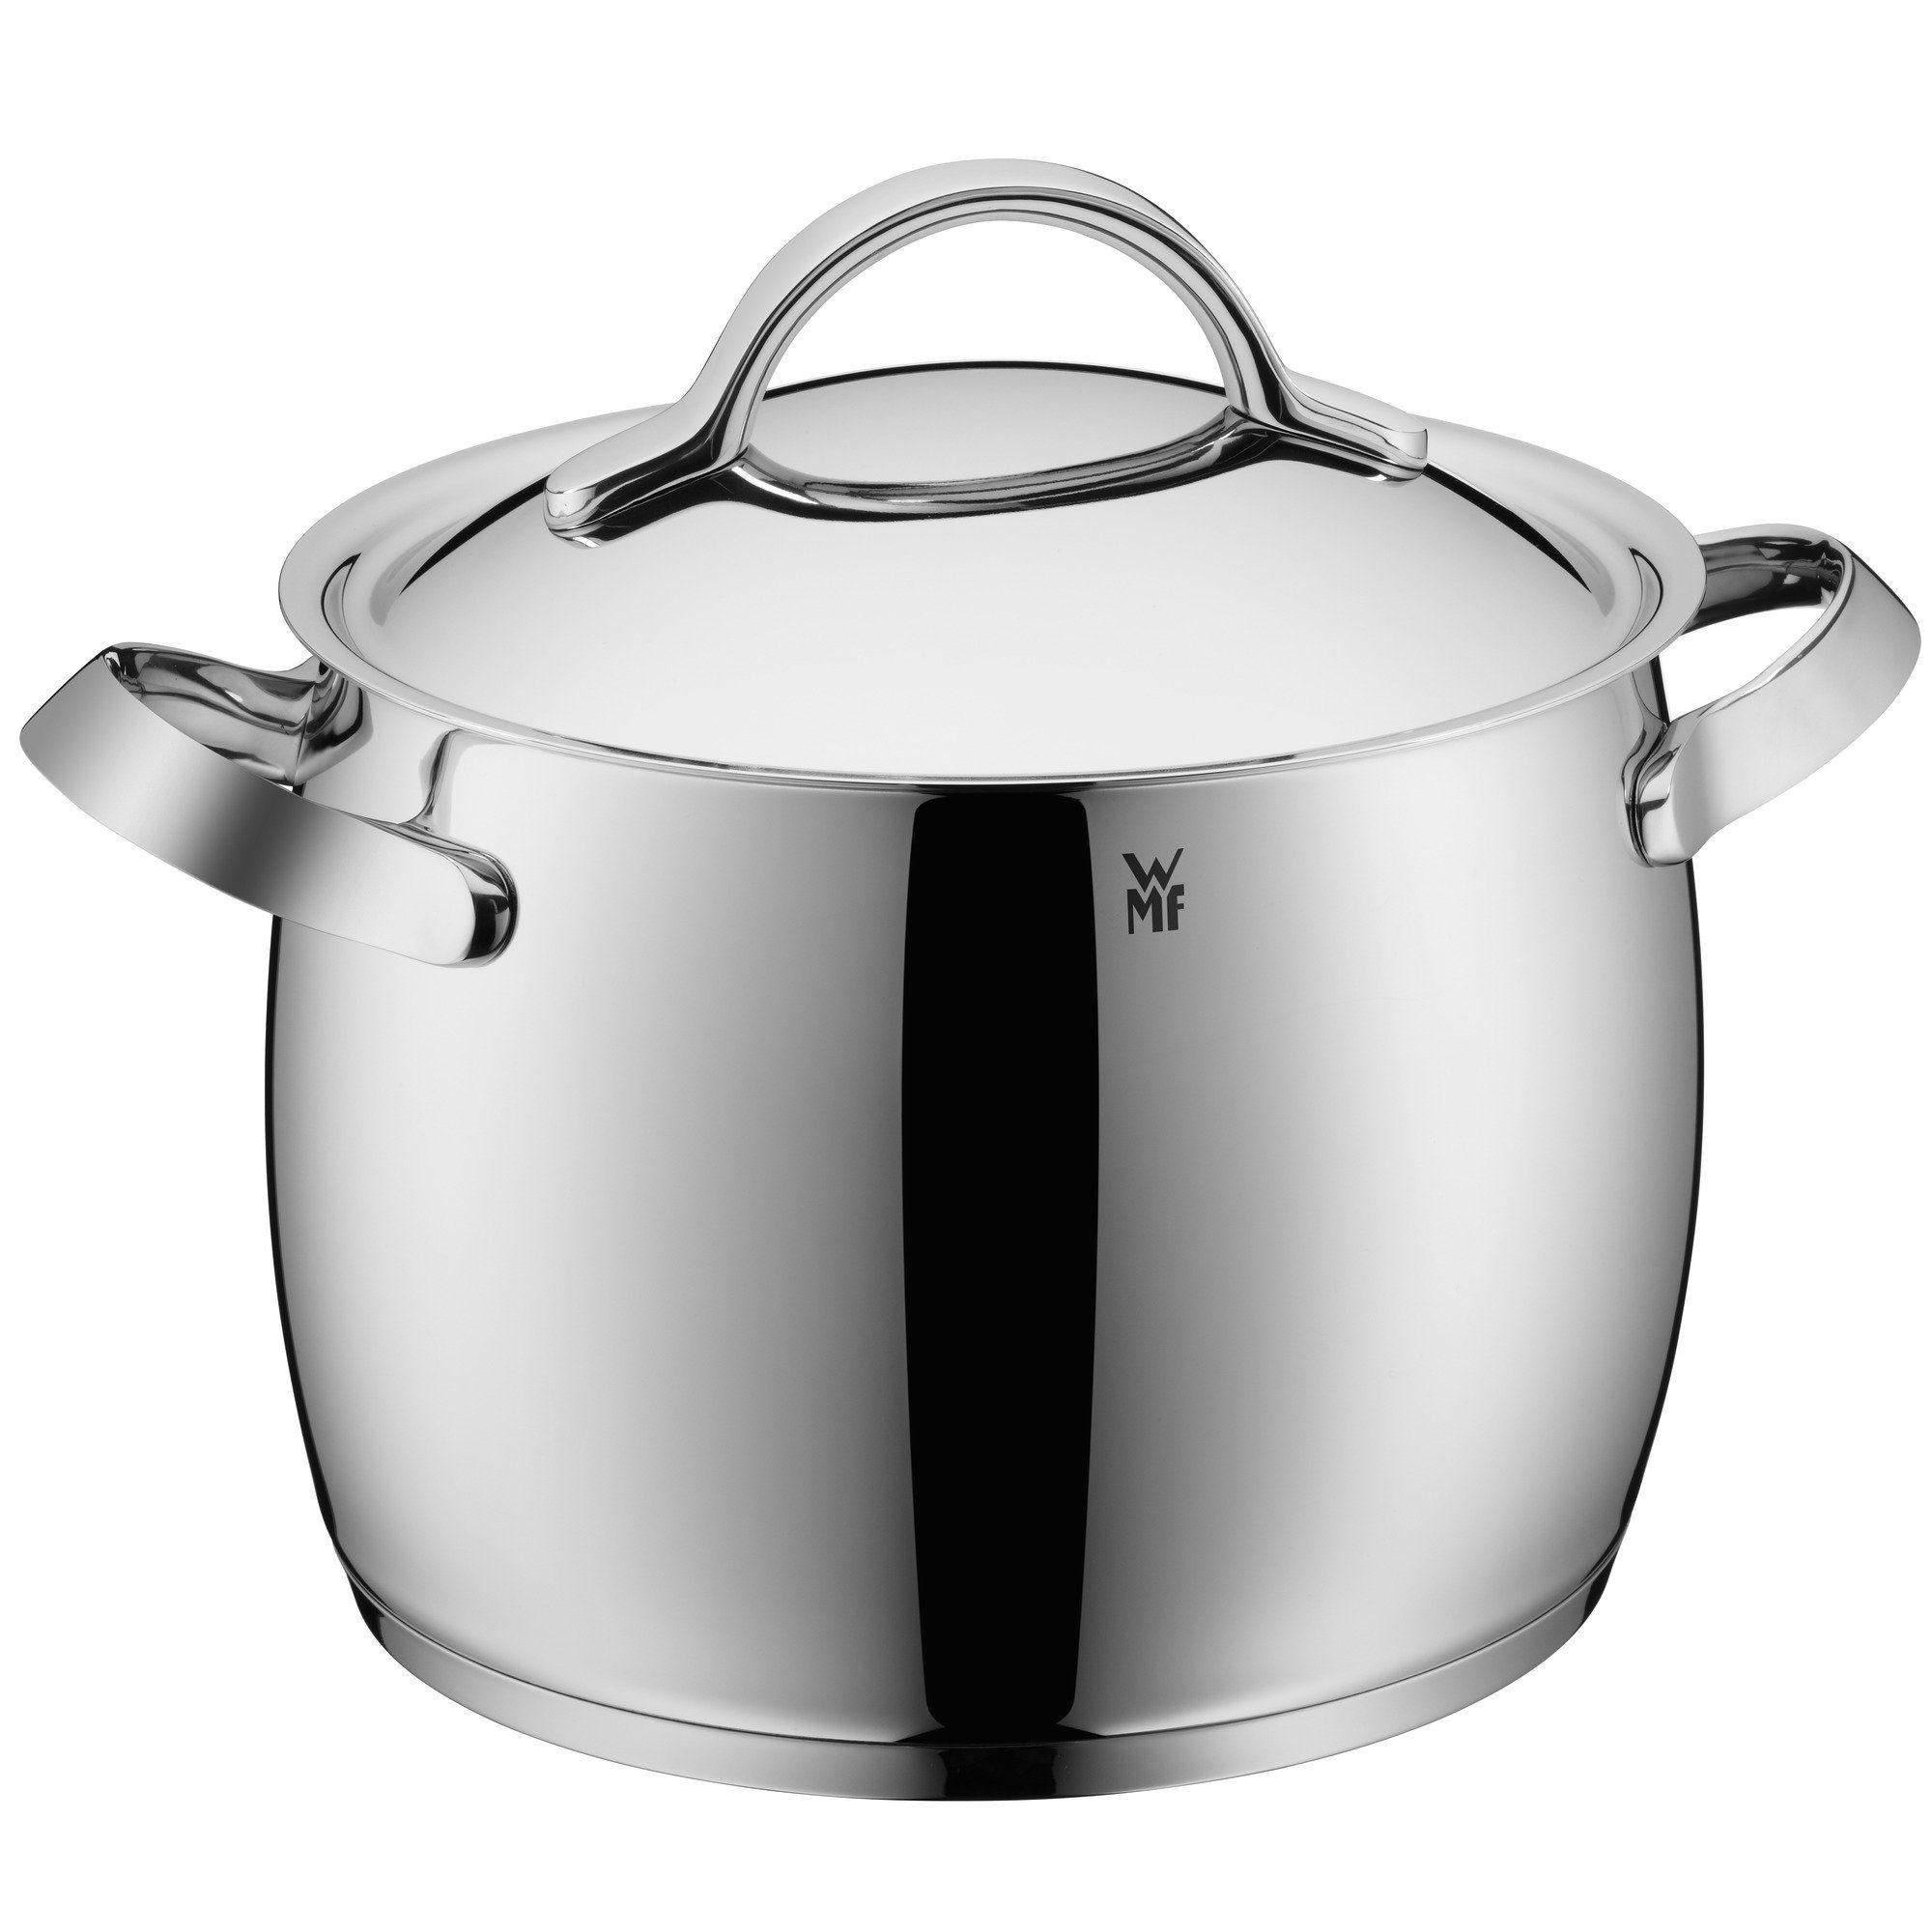 WMF Gemüsetopf Concento | Küche und Esszimmer > Kochen und Backen > Töpfe | Edelstahl | Wmf